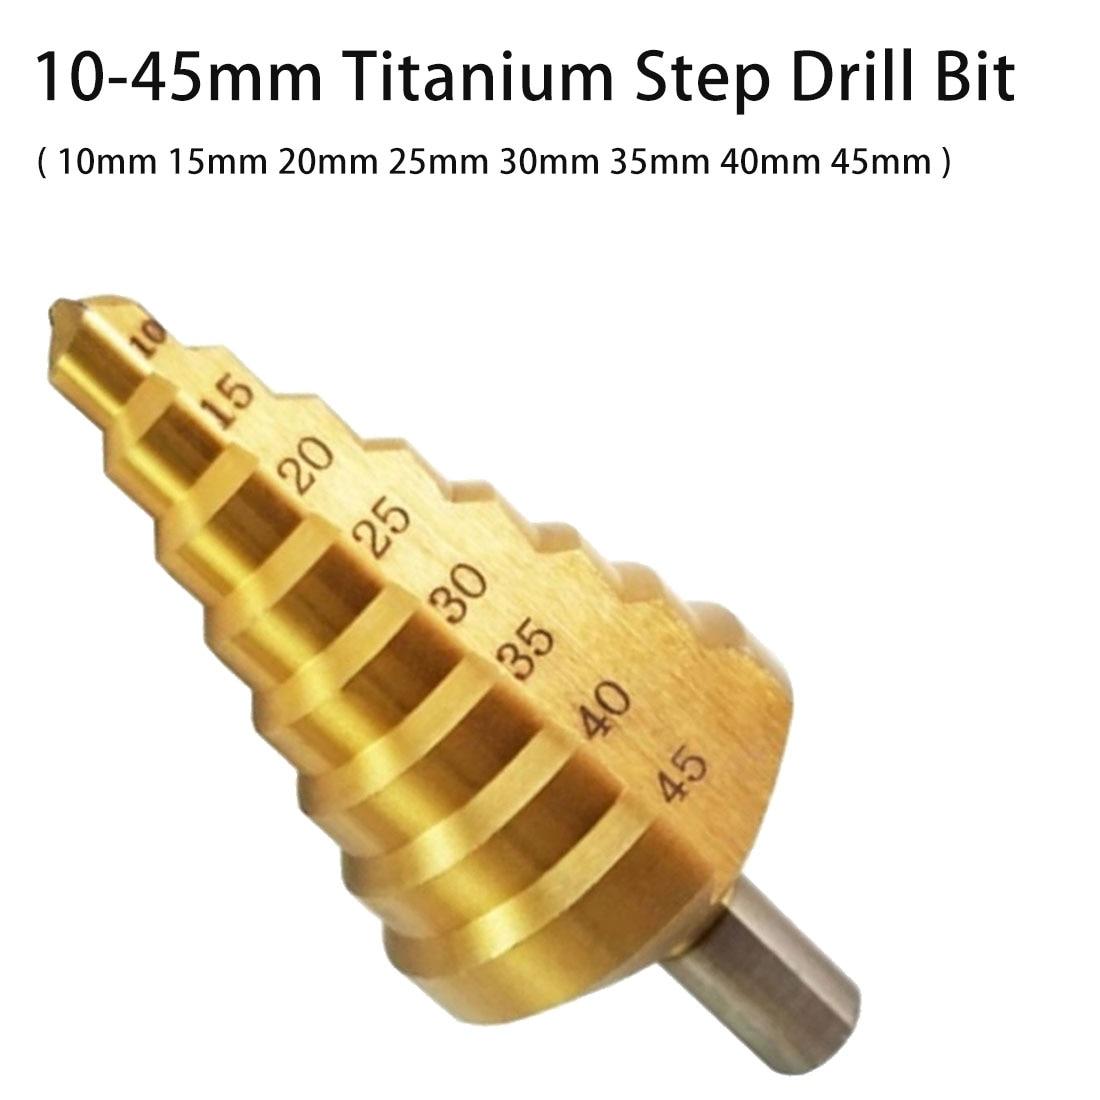 Titanium Step Drill 8 Step Cone Drill Bit HSS Hole Groove Metal Wood Cut 10mm 15mm 20mm 25mm 30mm 35mm 40mm 45mm For Metal/Wood